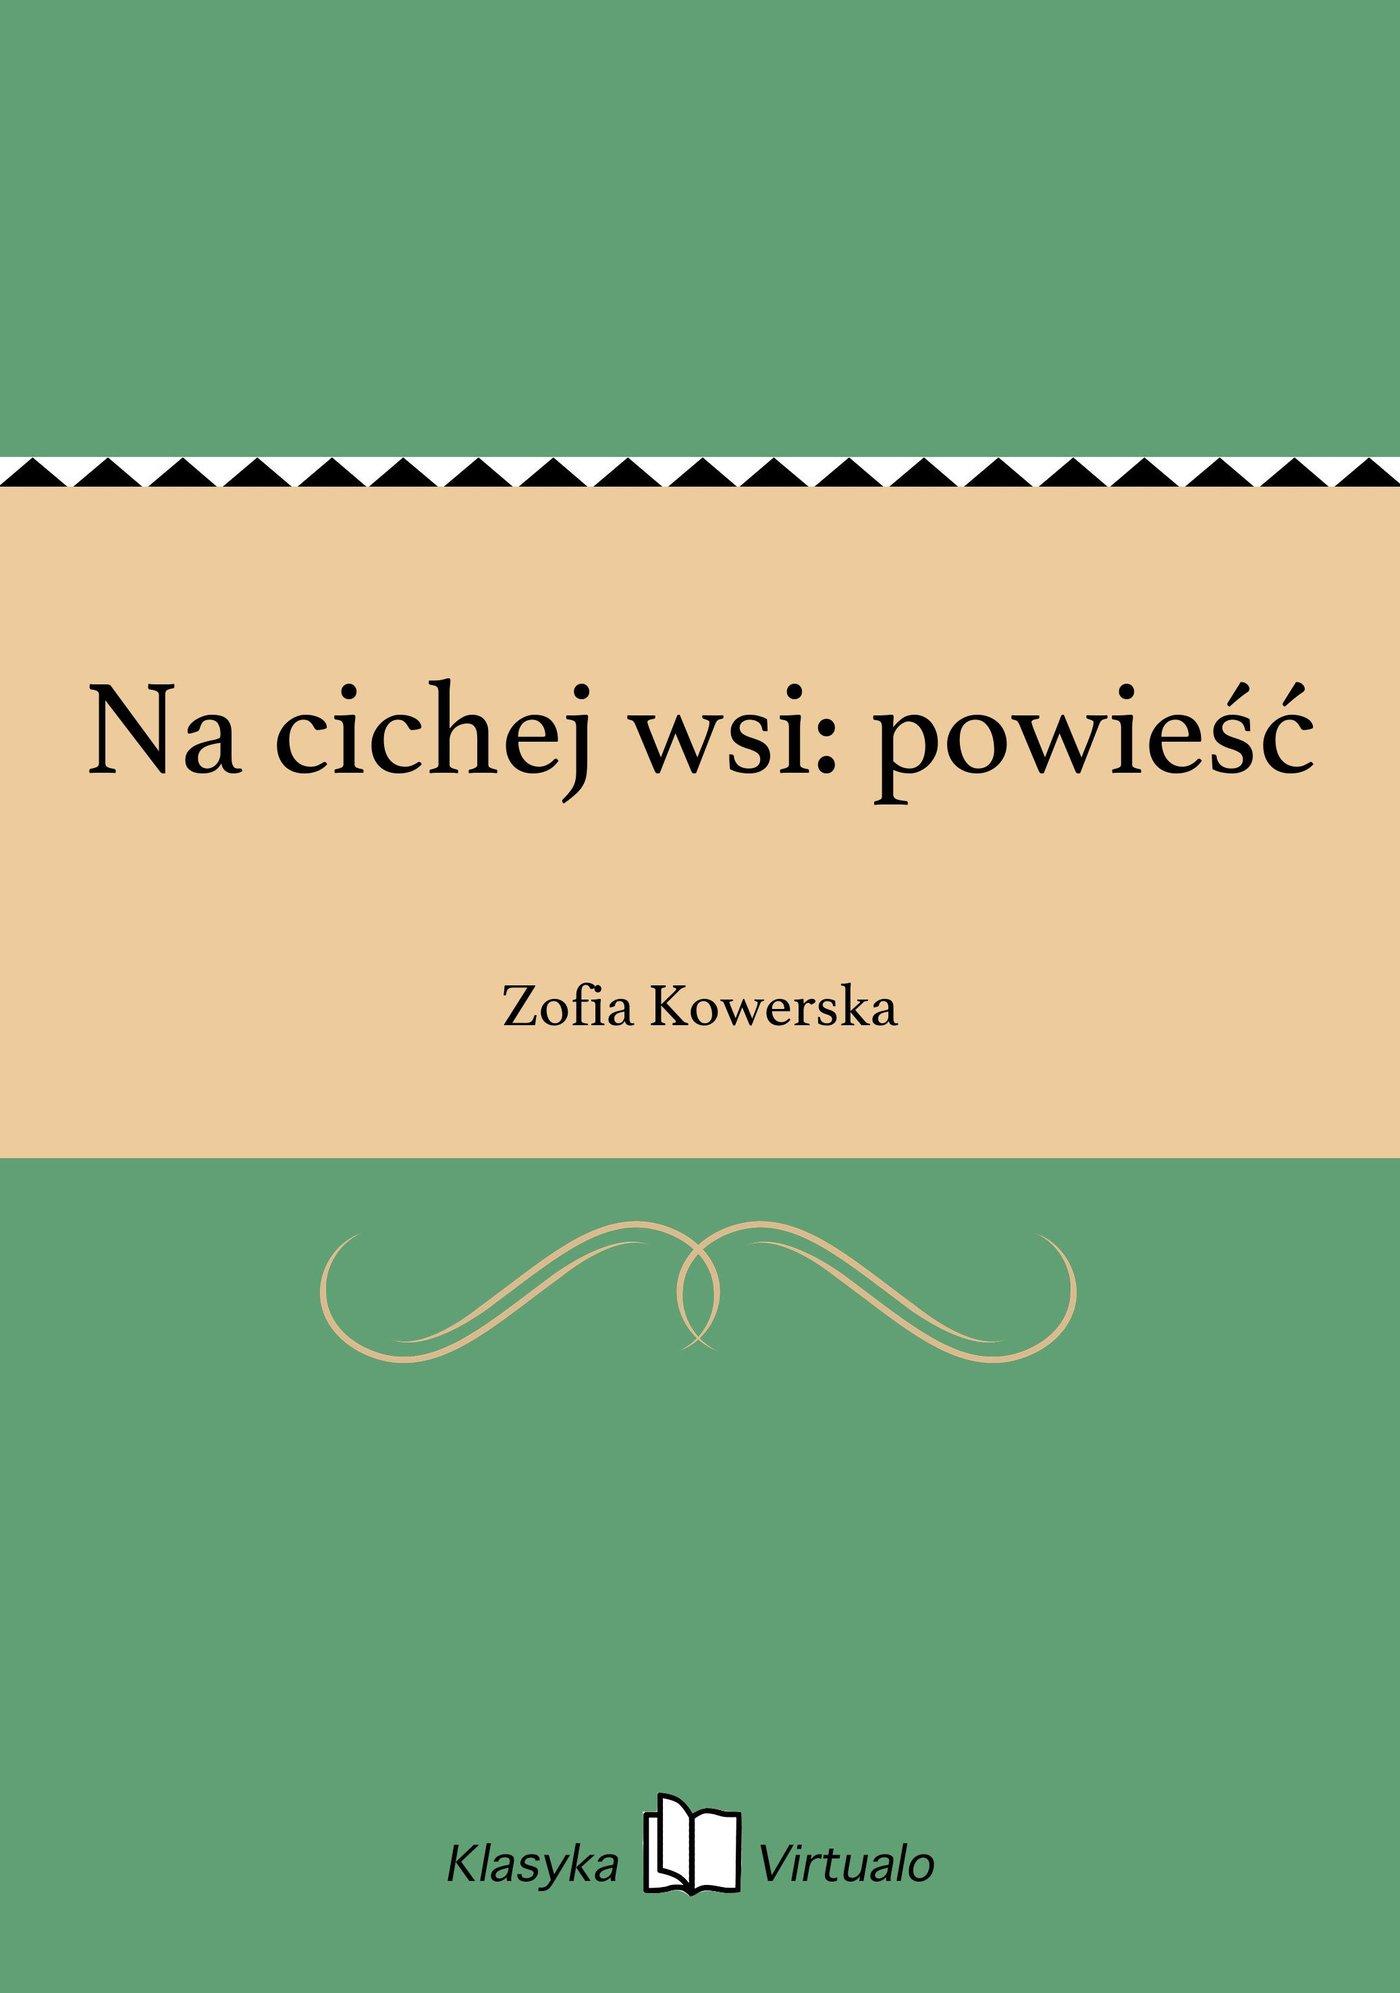 Na cichej wsi: powieść - Ebook (Książka EPUB) do pobrania w formacie EPUB